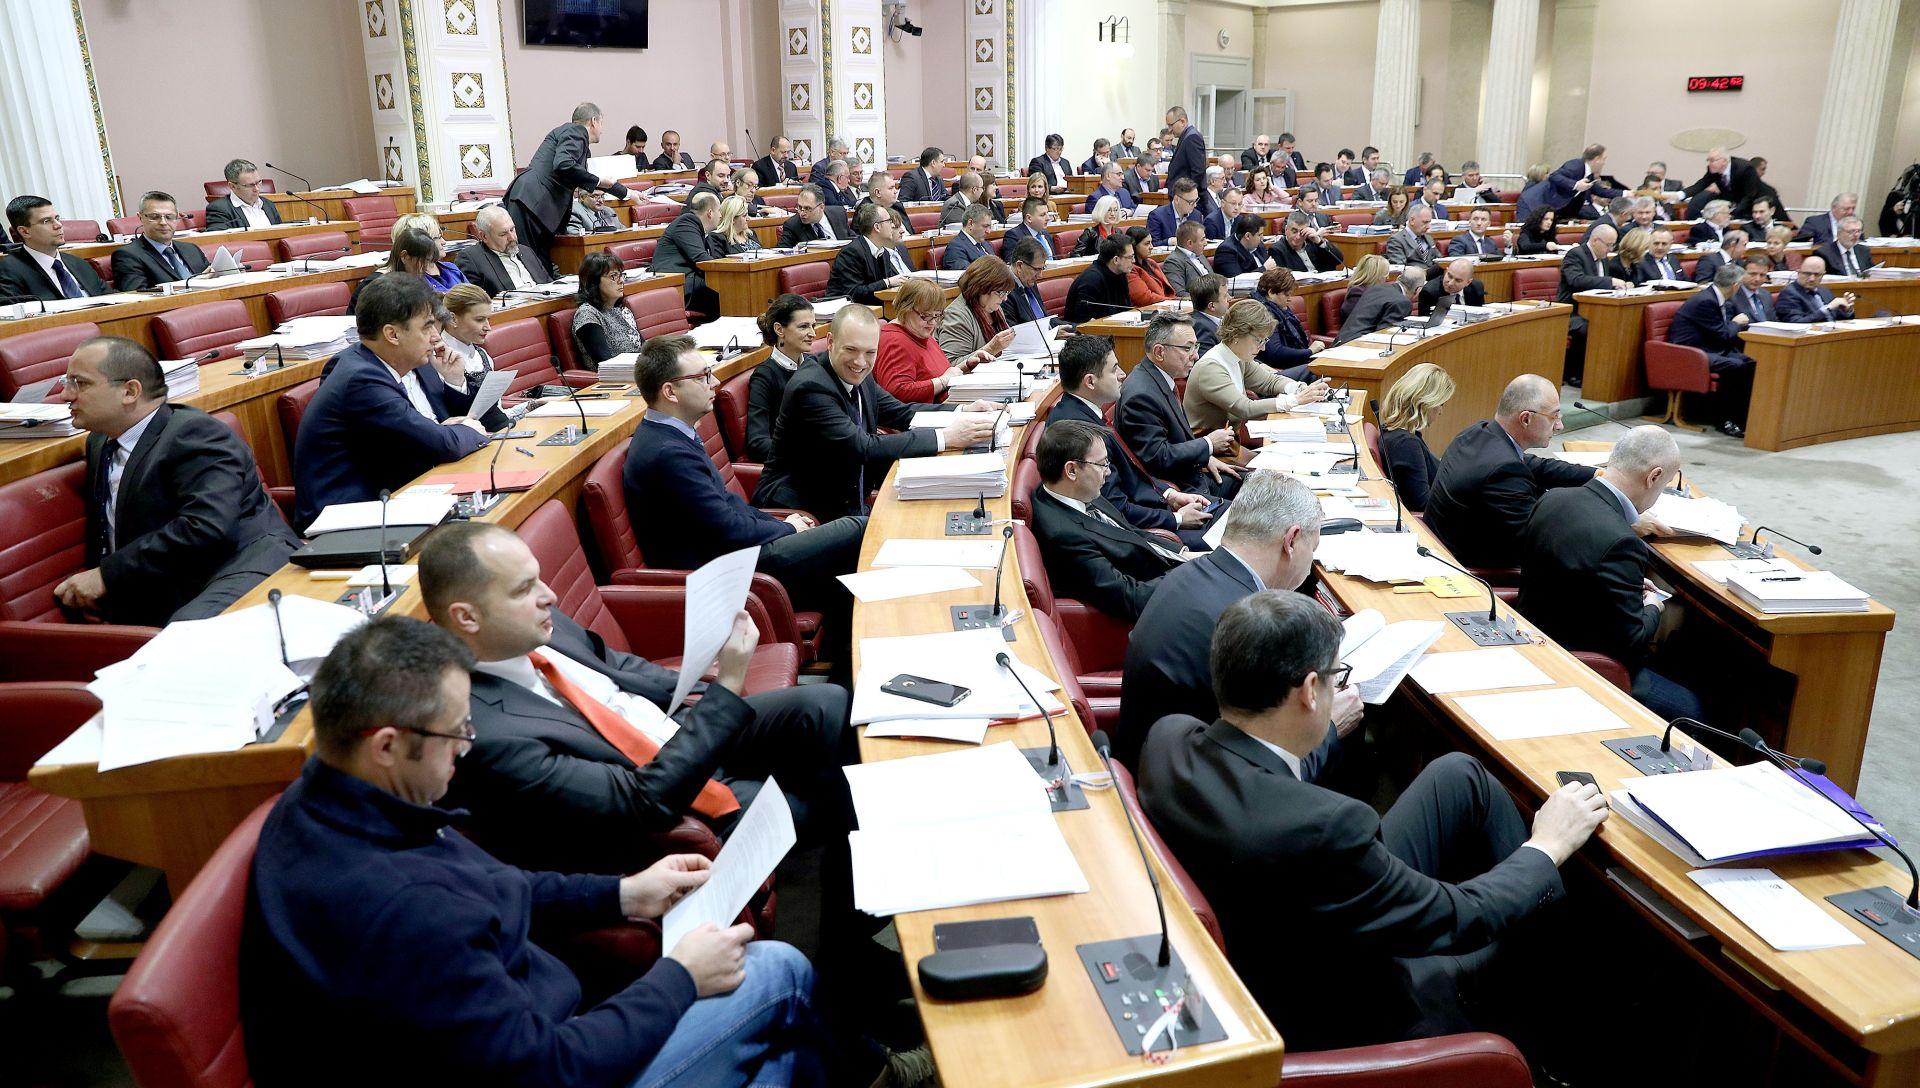 SJEDNICA SABORA Stanka zbog Ustavnog suda i zapošljavanja u HEP-u